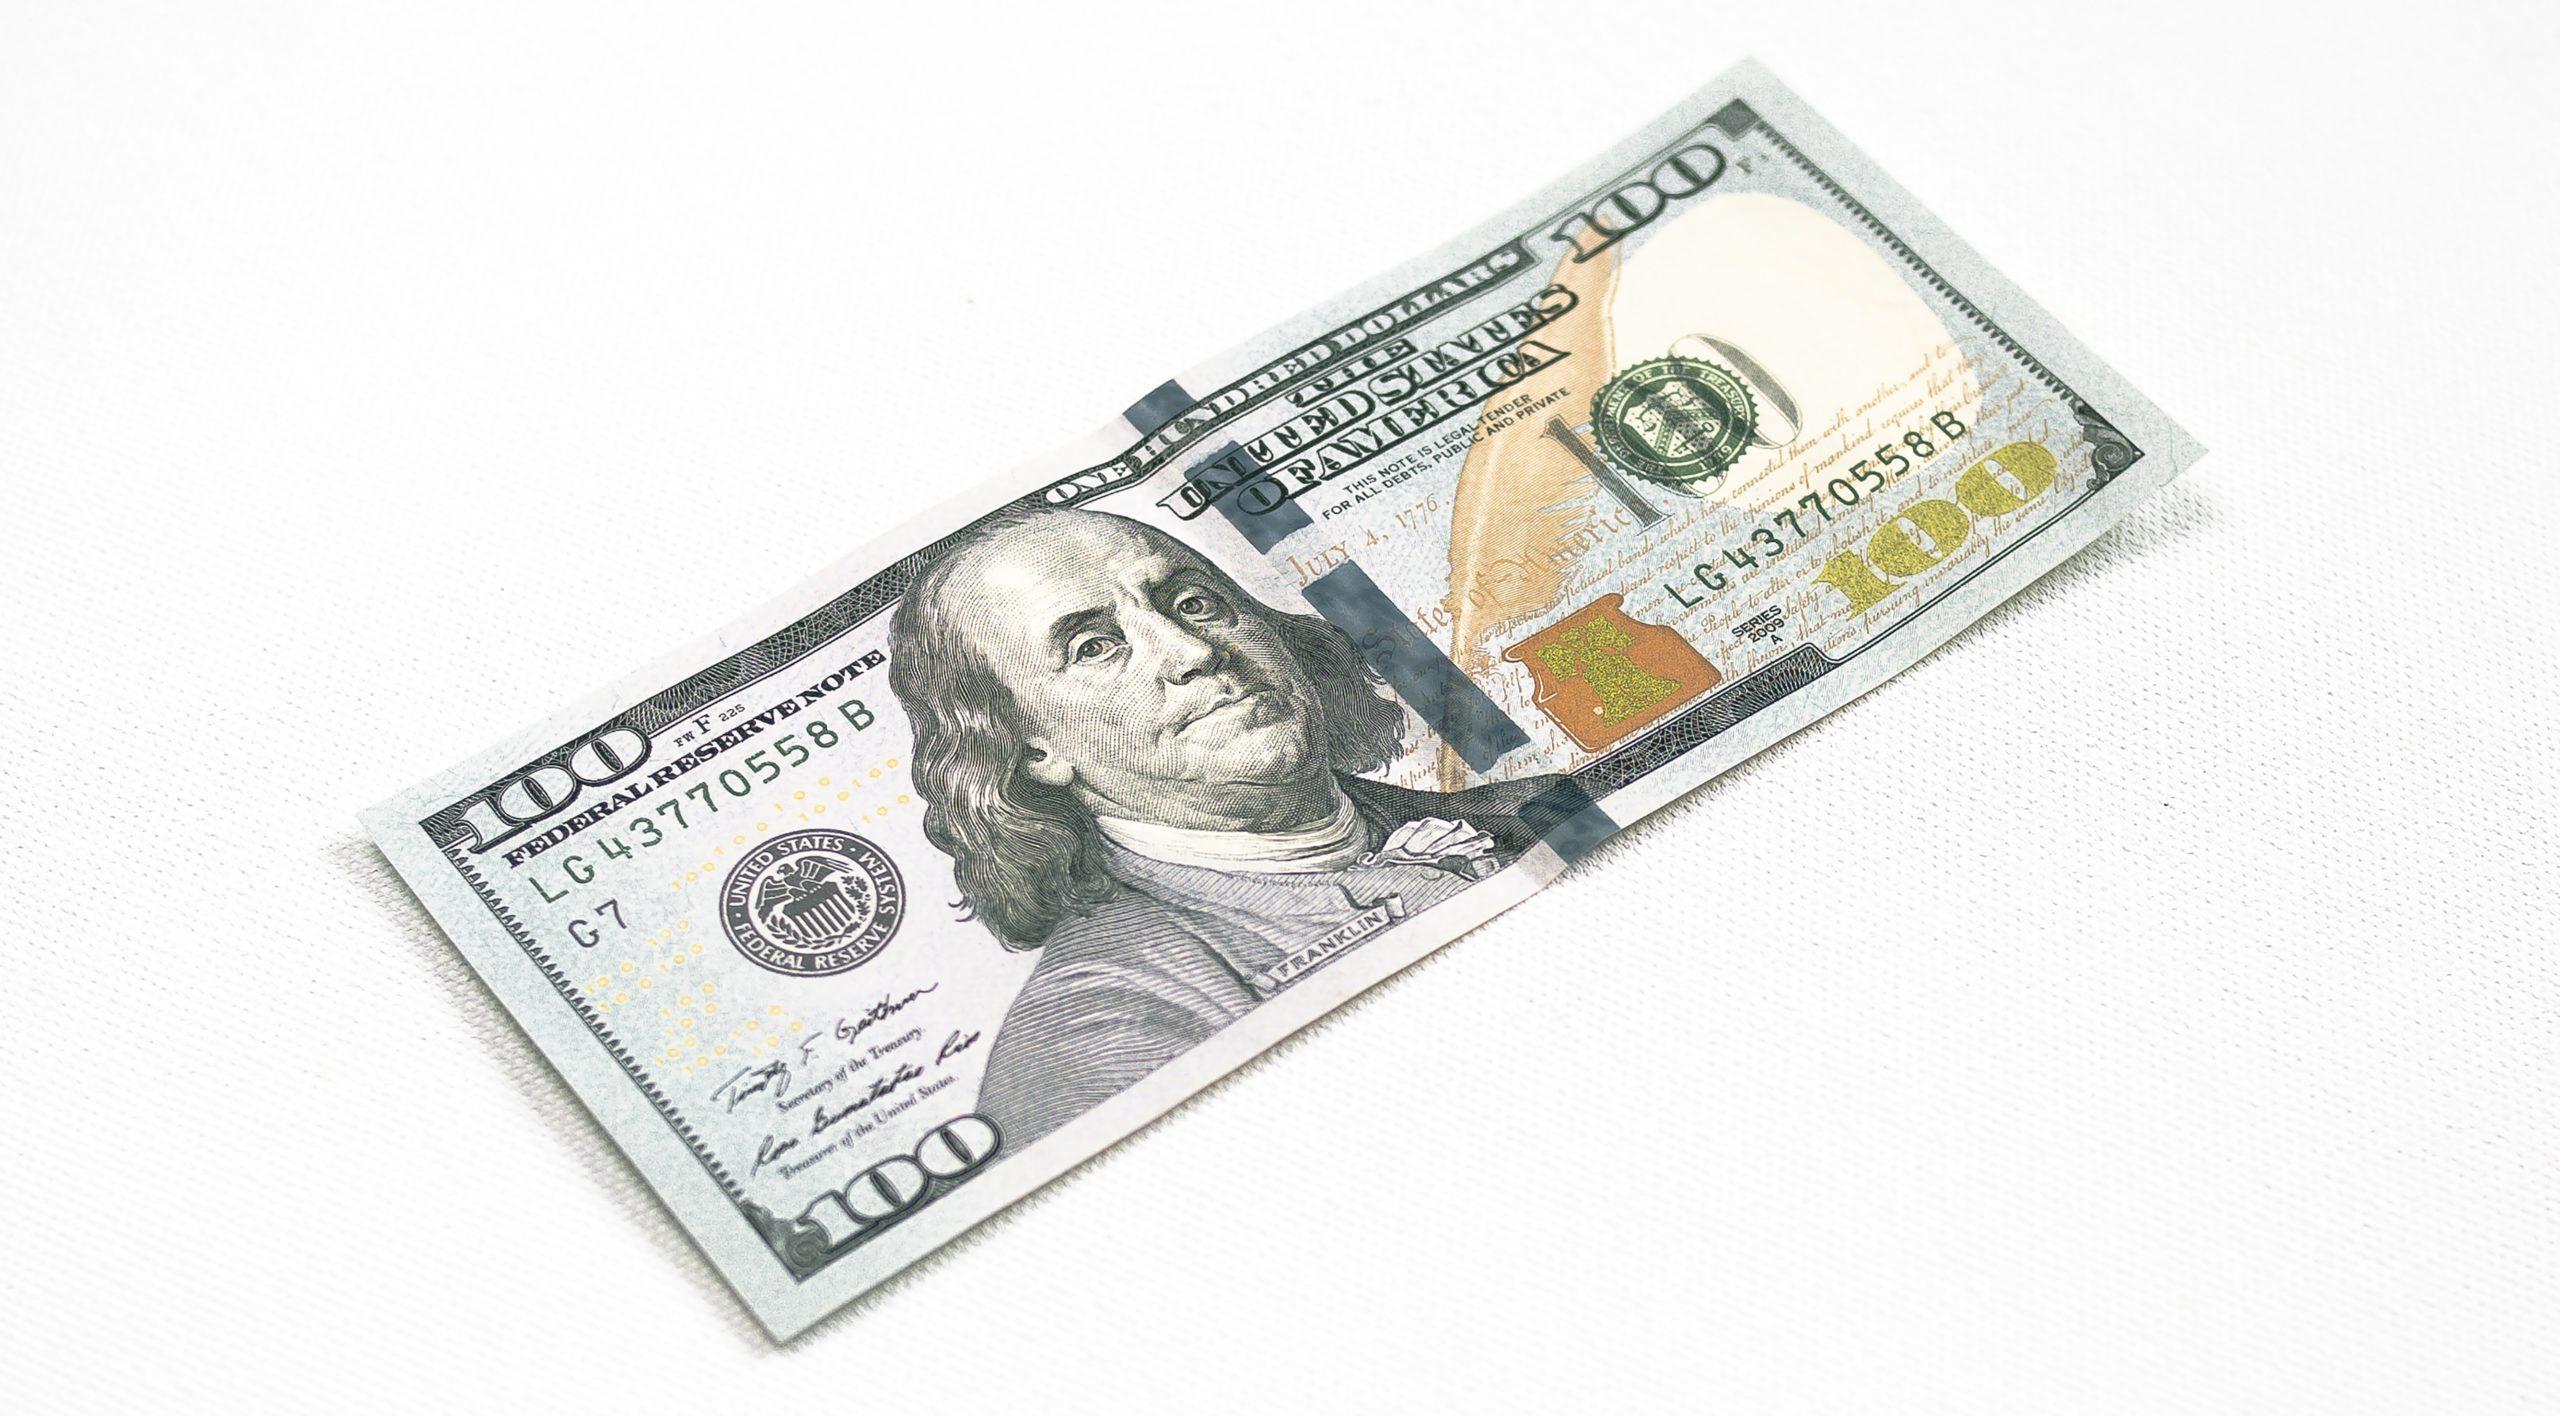 デメリット①:安すぎる他社よりは料金高め